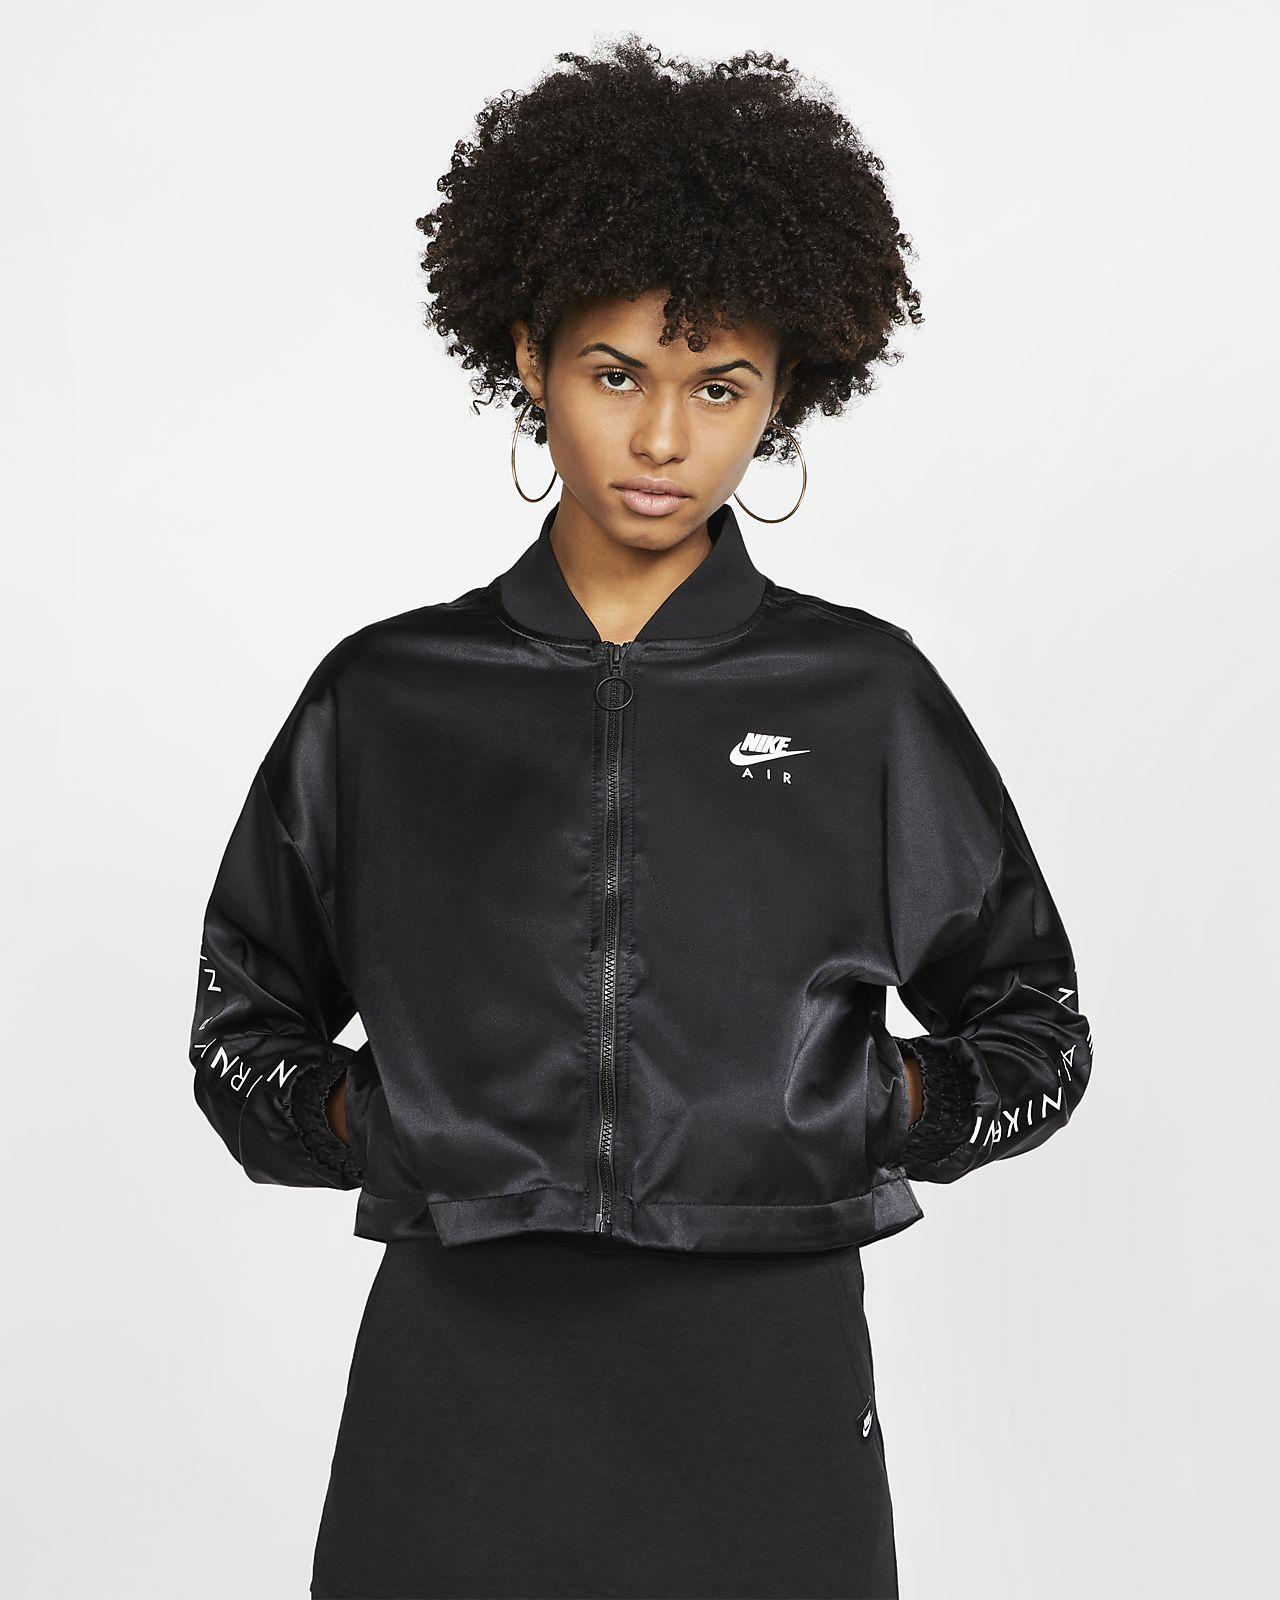 Dámská saténová atletická bunda Nike Air